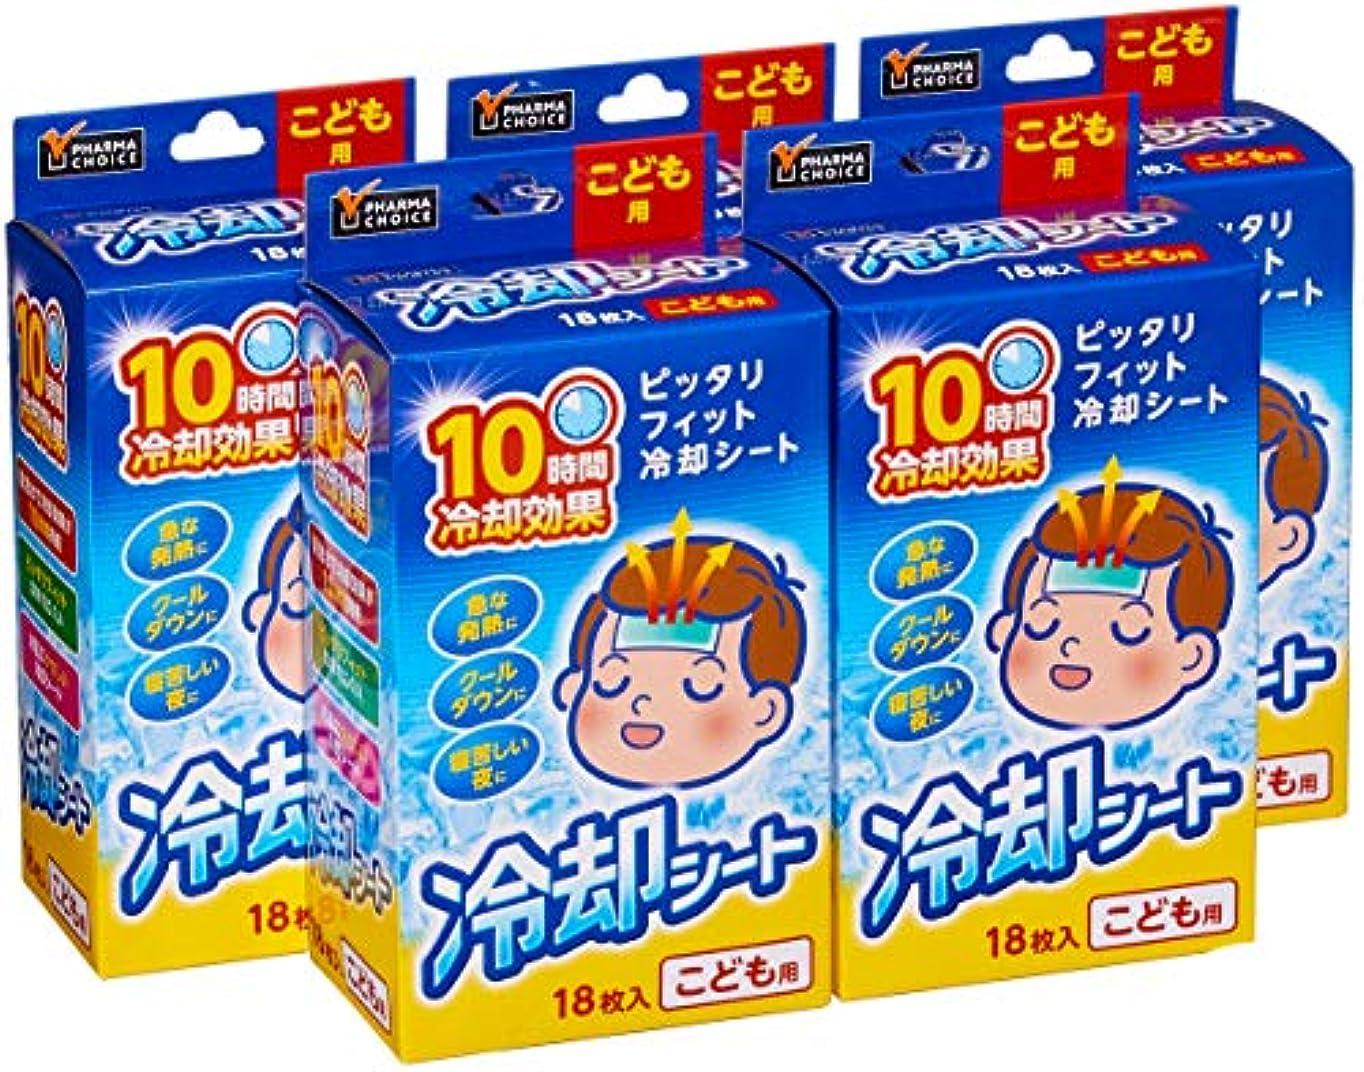 容赦ないマウスキャリア[Amazon限定ブランド]  PHARMA CHOICE 冷却シート こども用 18枚入(3枚×6袋)×5箱